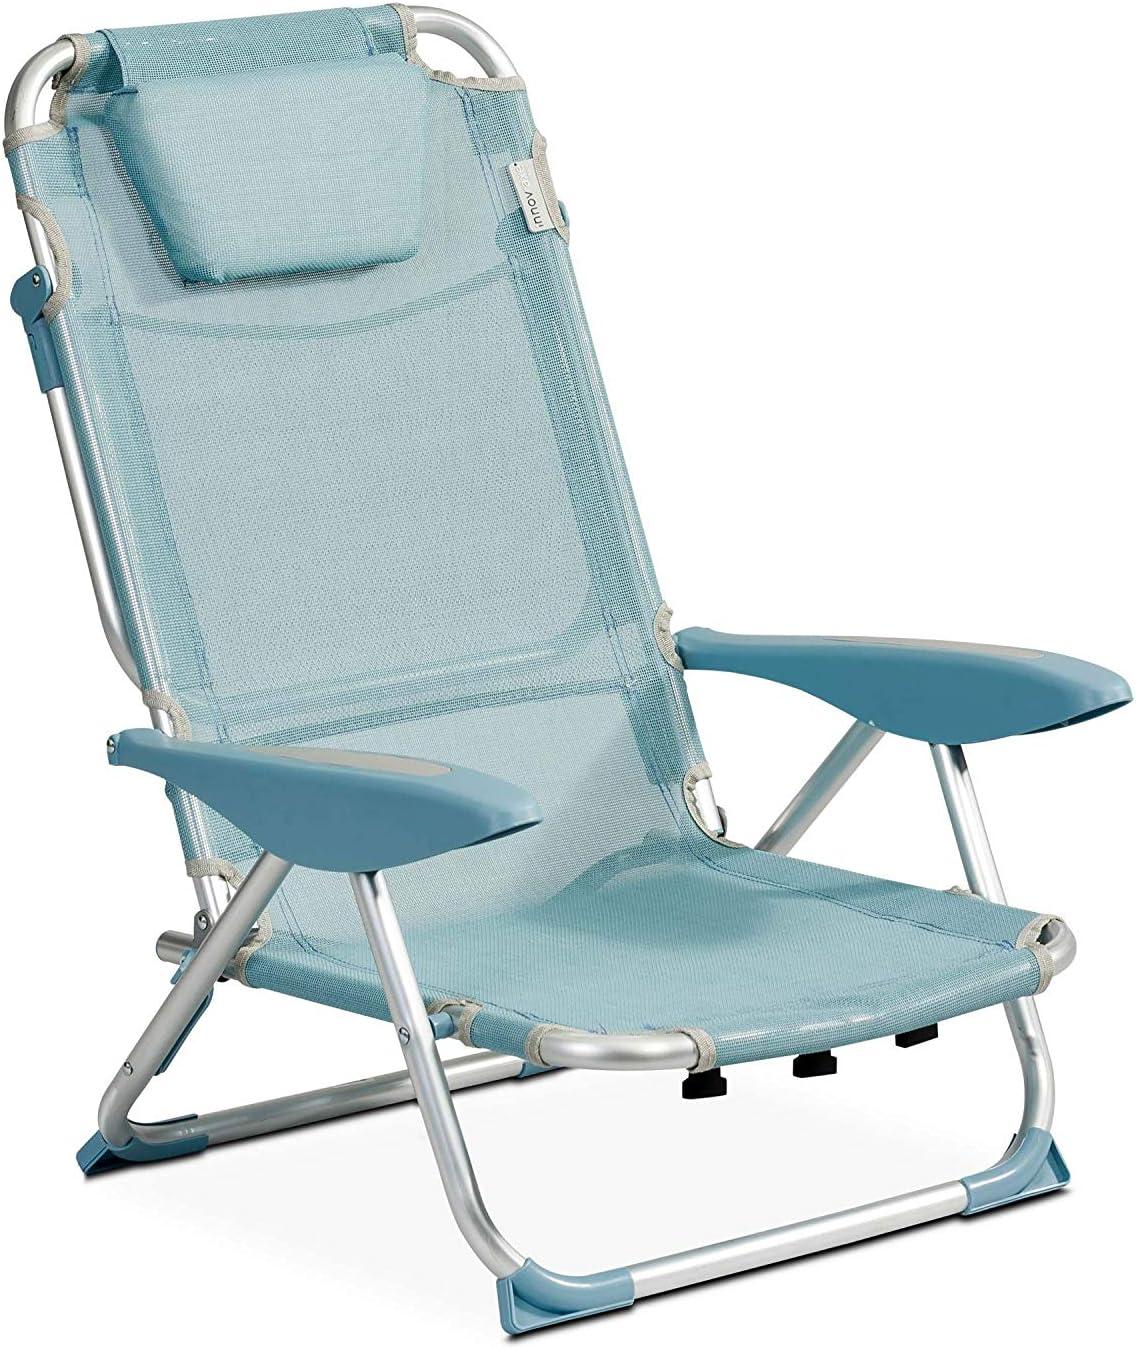 Innov'Axe - Sillón de Cama de Playa, Bleu Denim